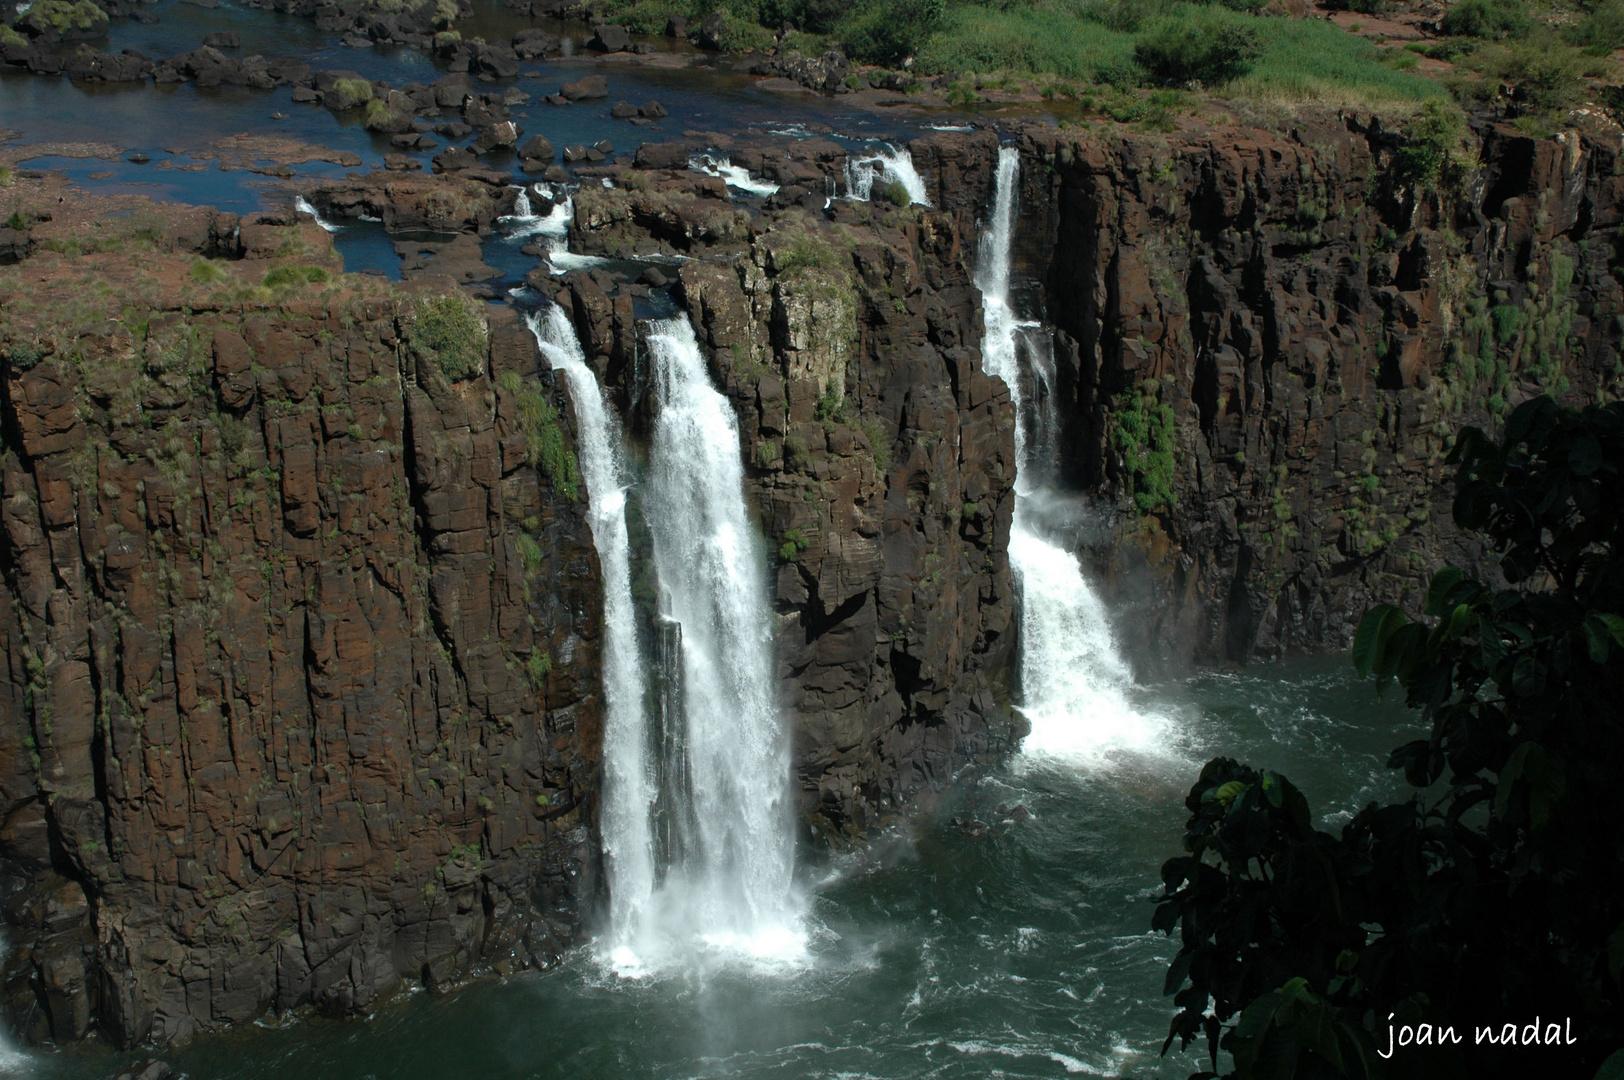 Cataratas de Iguazú. 1